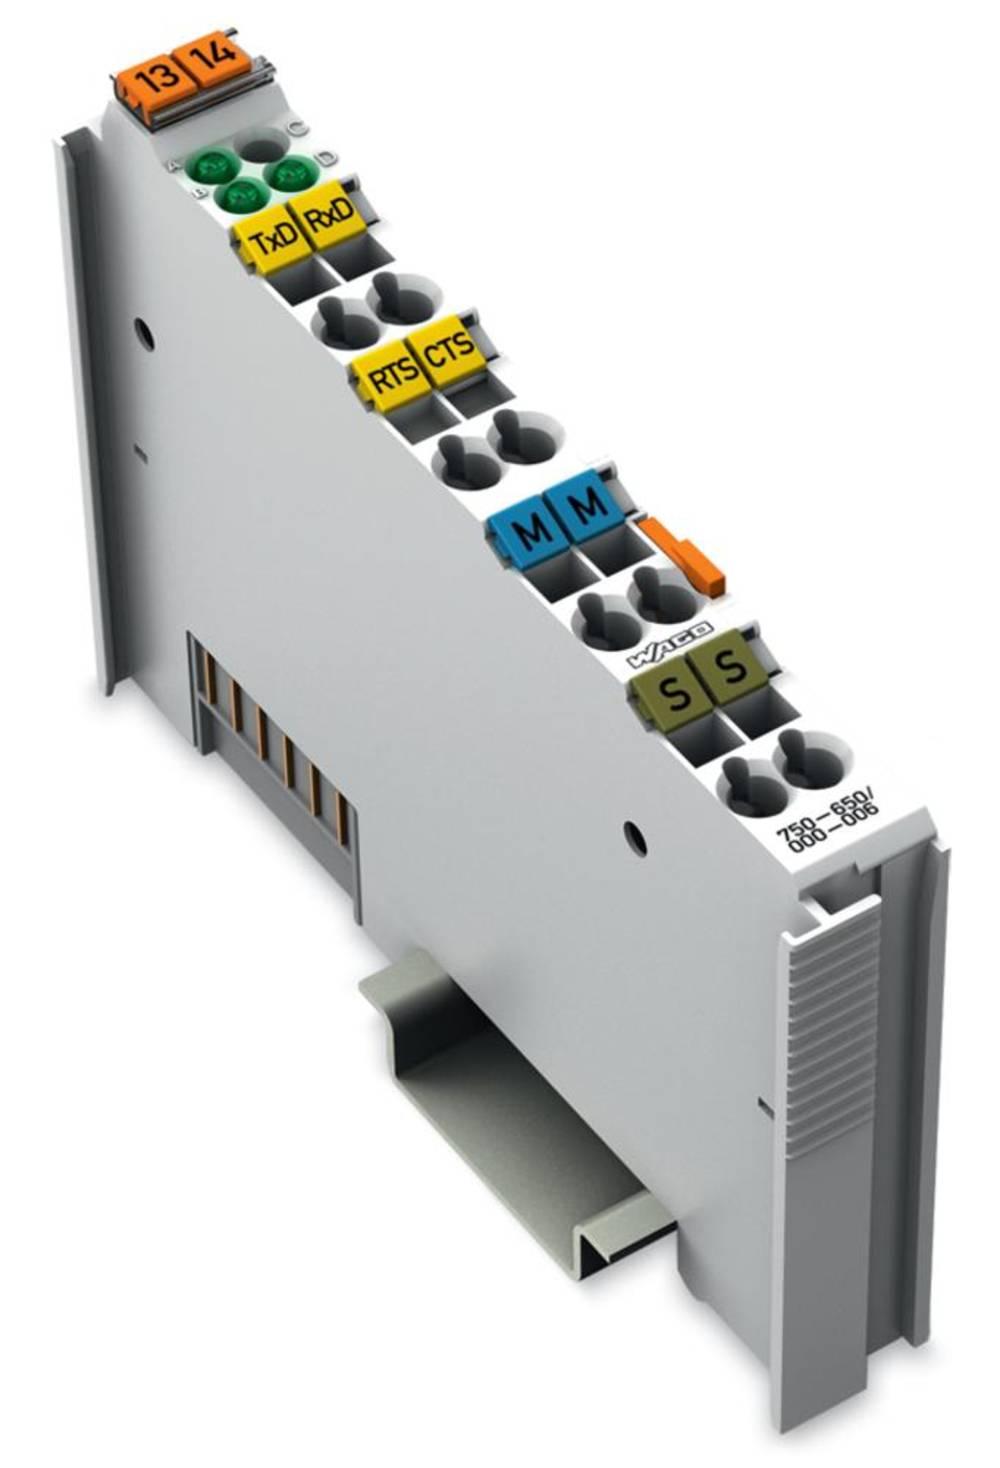 WAGO serijski vmesnik 750-650/000-006 prek sistemske napetosti DC/DC vsebuje: 1 kos